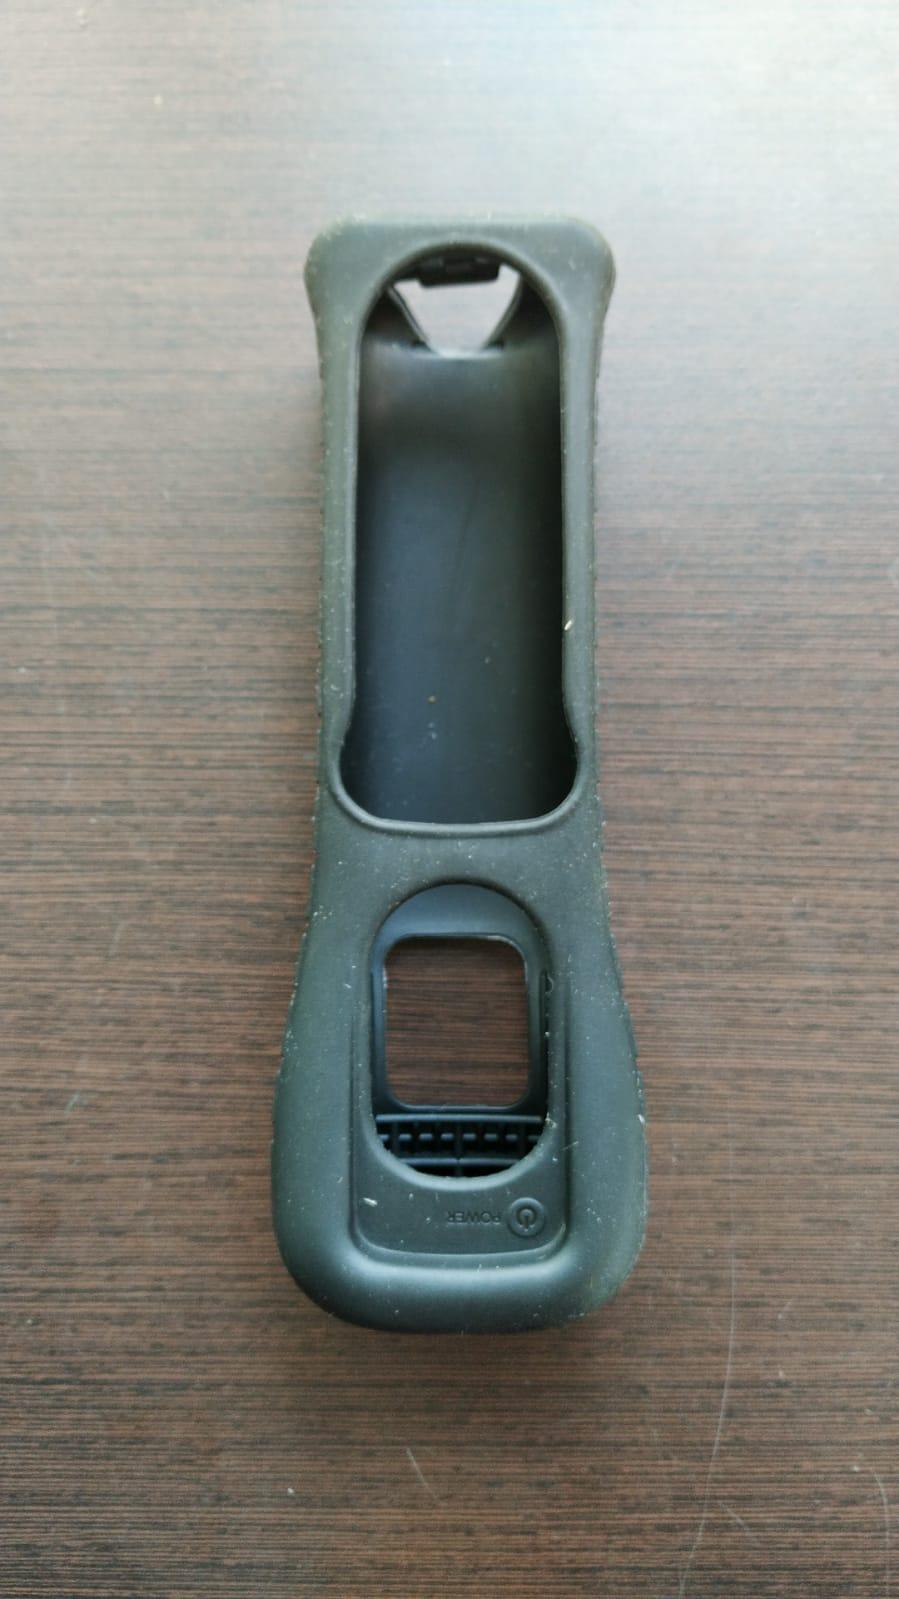 Capinha (preta) emborrachada para Wii Remote Plus - Nintendo Wii - Usado